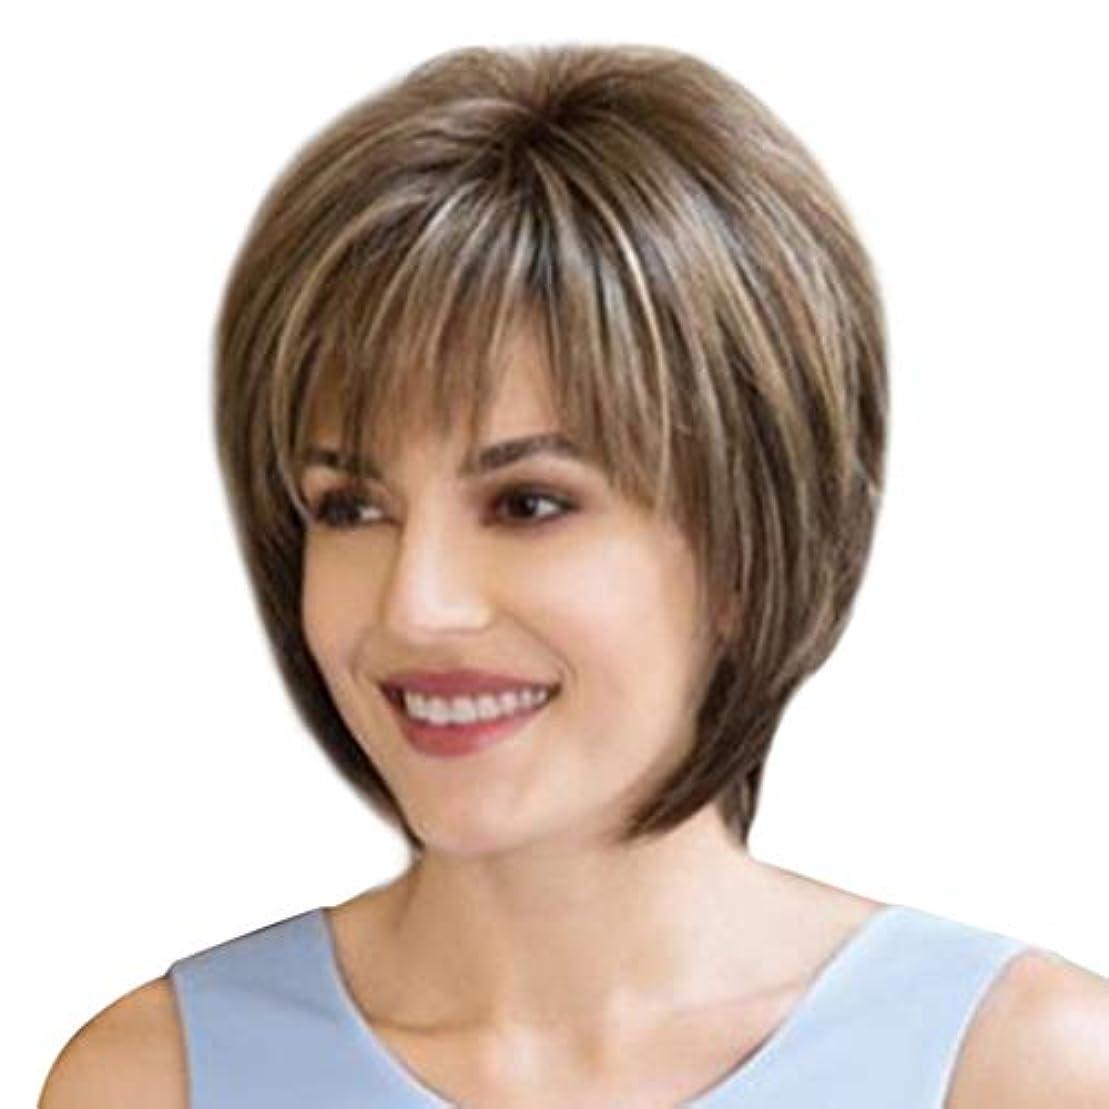 割り当てます苛性非常に怒っていますCinhent 8インチファッション合成ストレートショートレディースウィッグふわふわ染色天然のリアルな髪の毛のかつら女性のファイバー